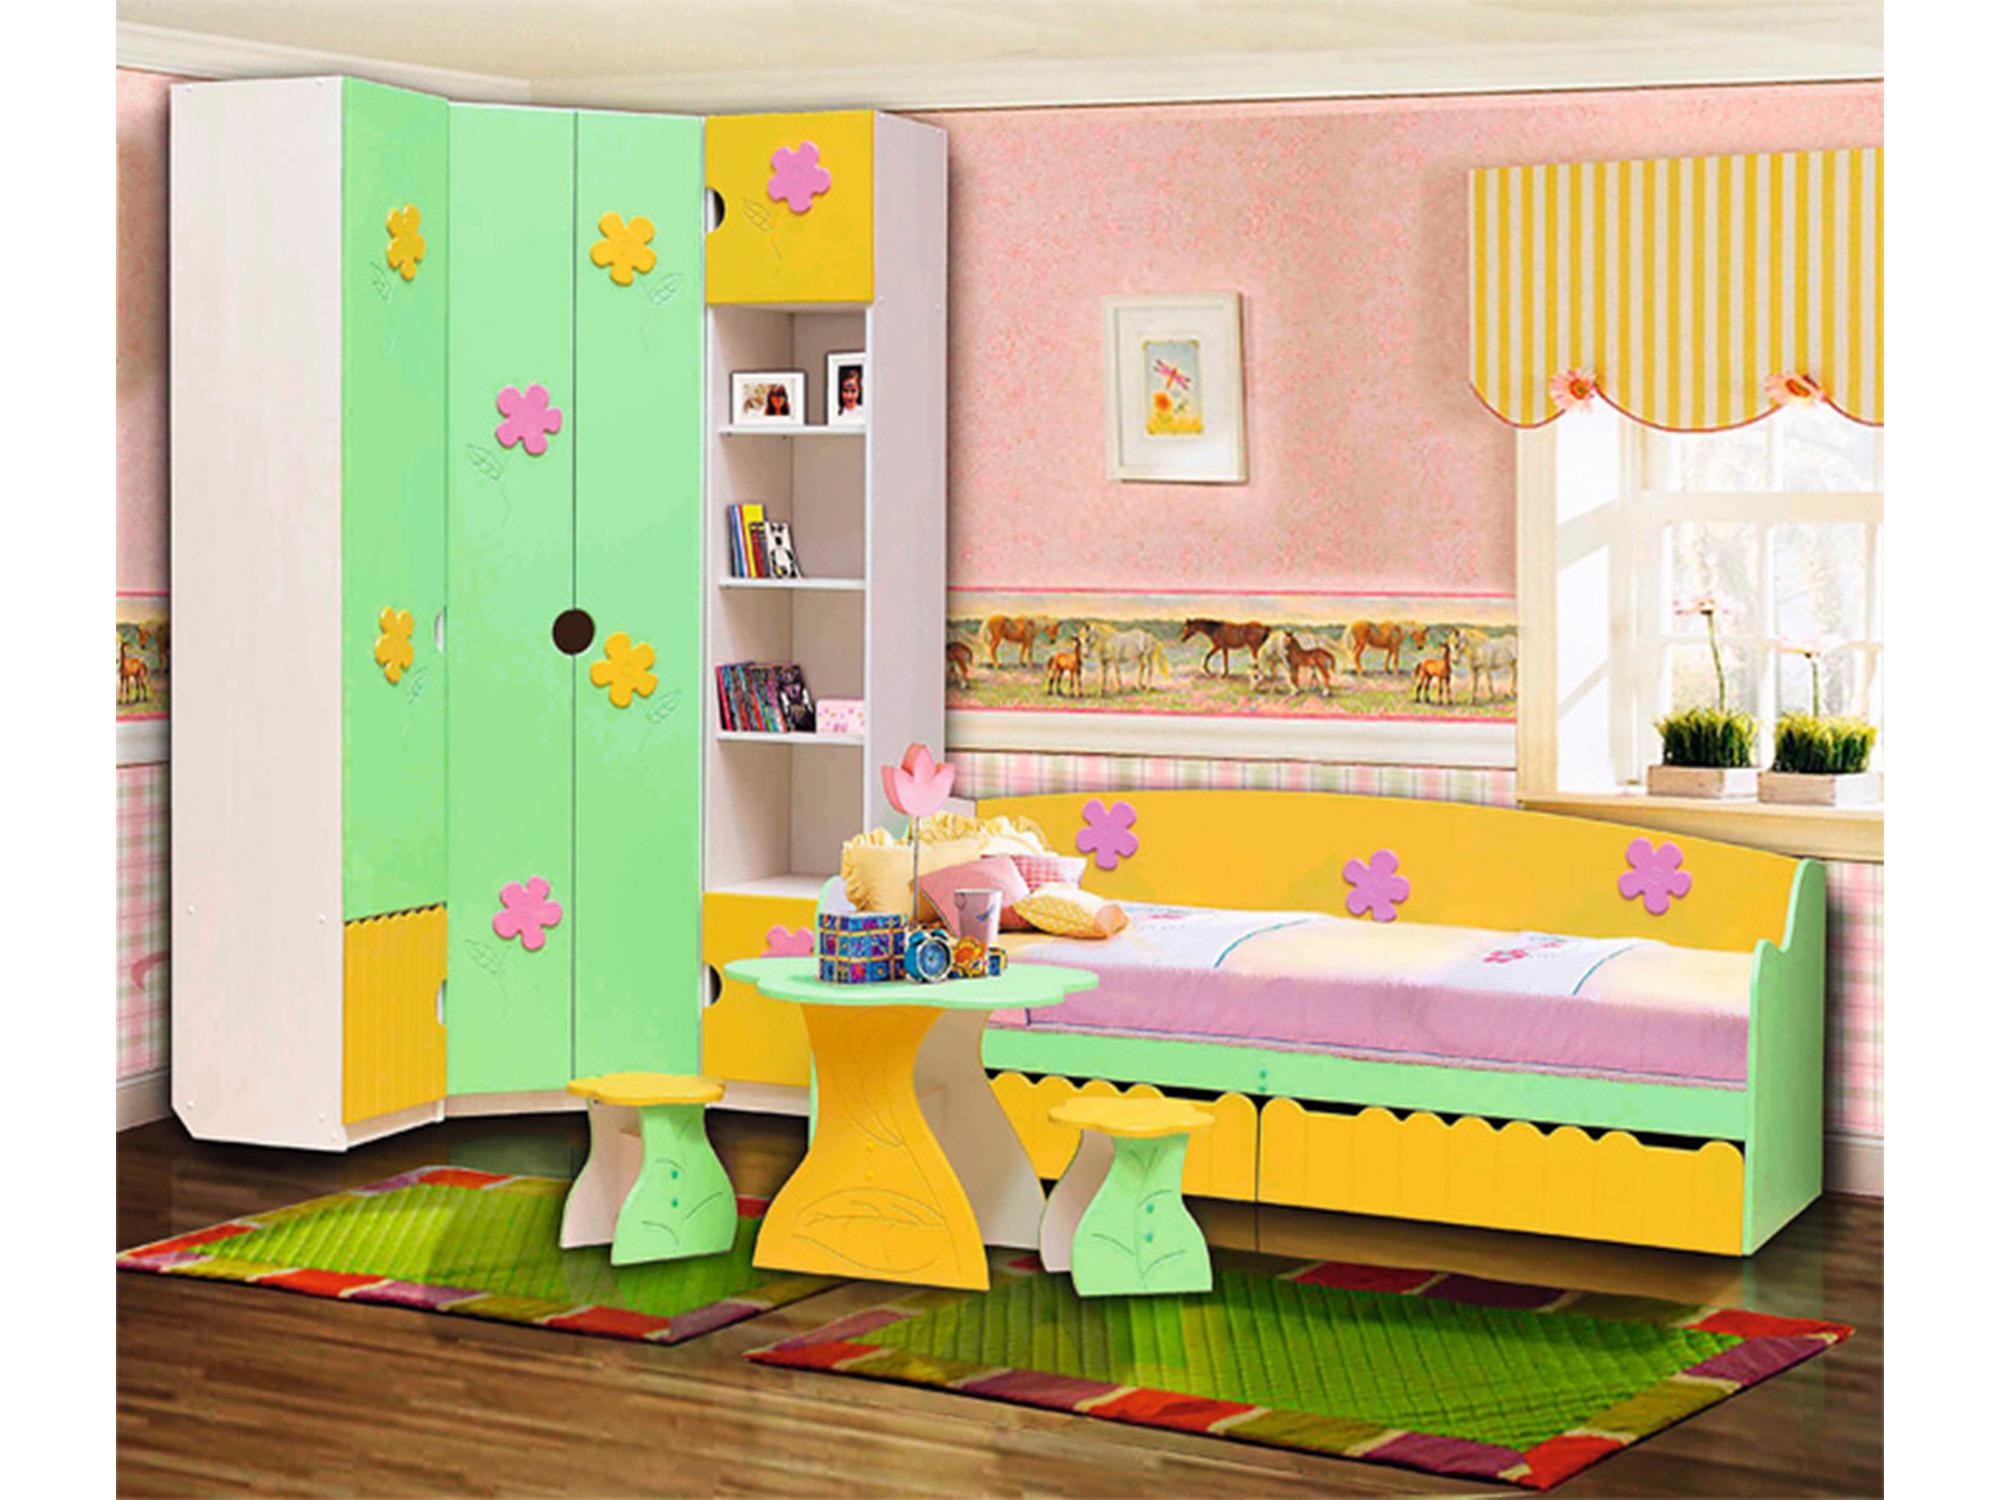 Спальный гарнитур Цветочек-1Детские комнаты<br><br><br>Длина мм: 3665<br>Высота мм: 2200<br>Глубина мм: 580